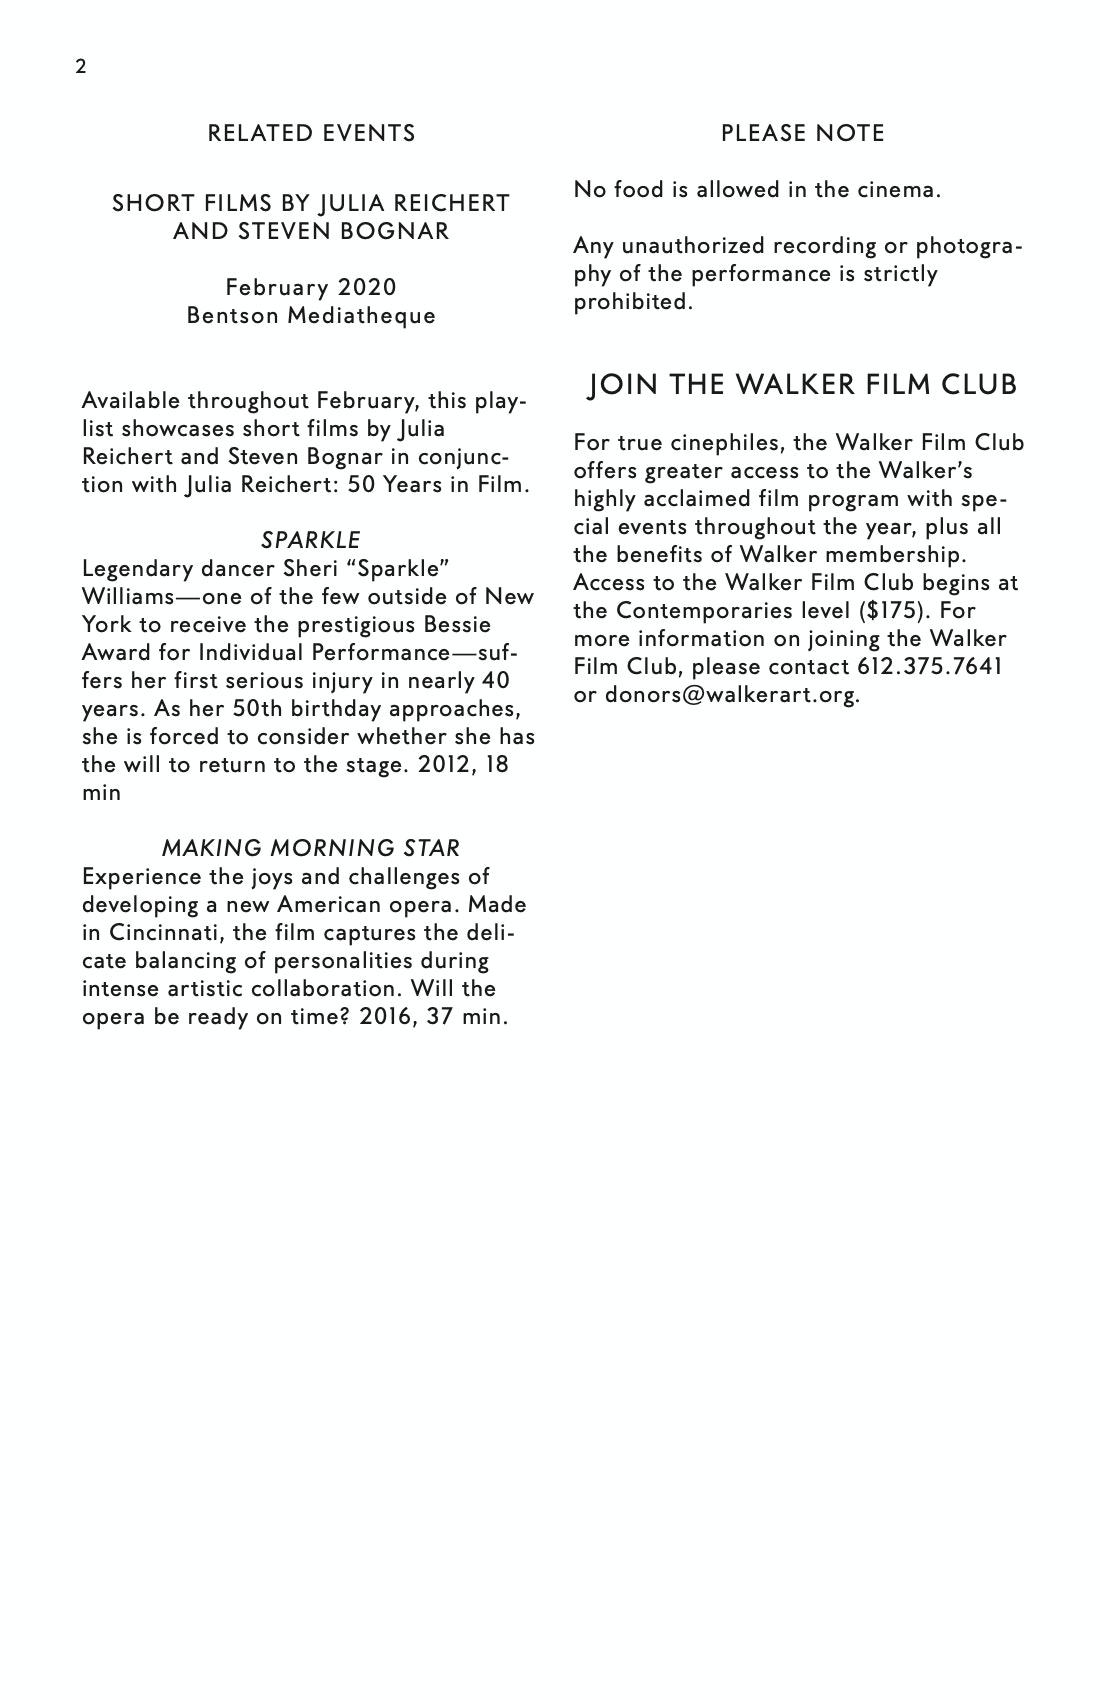 Julia Reichert Dialogue event brochure page 2